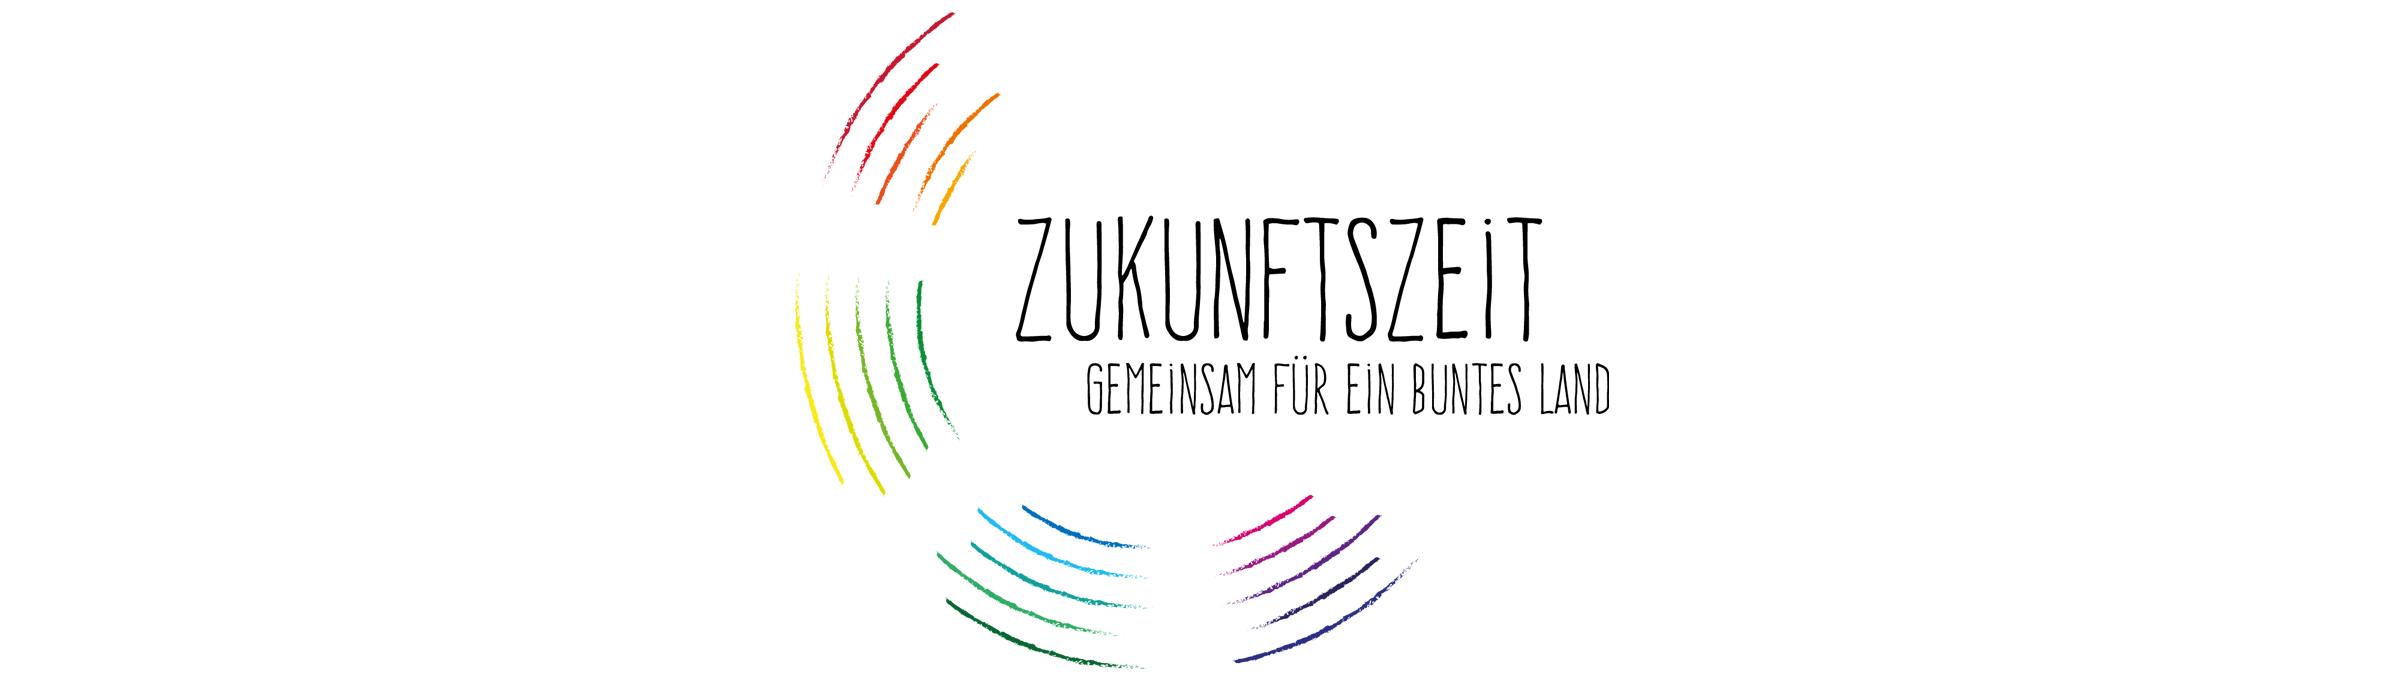 BDKJ-Aktion zur Bundestagswahl 2017